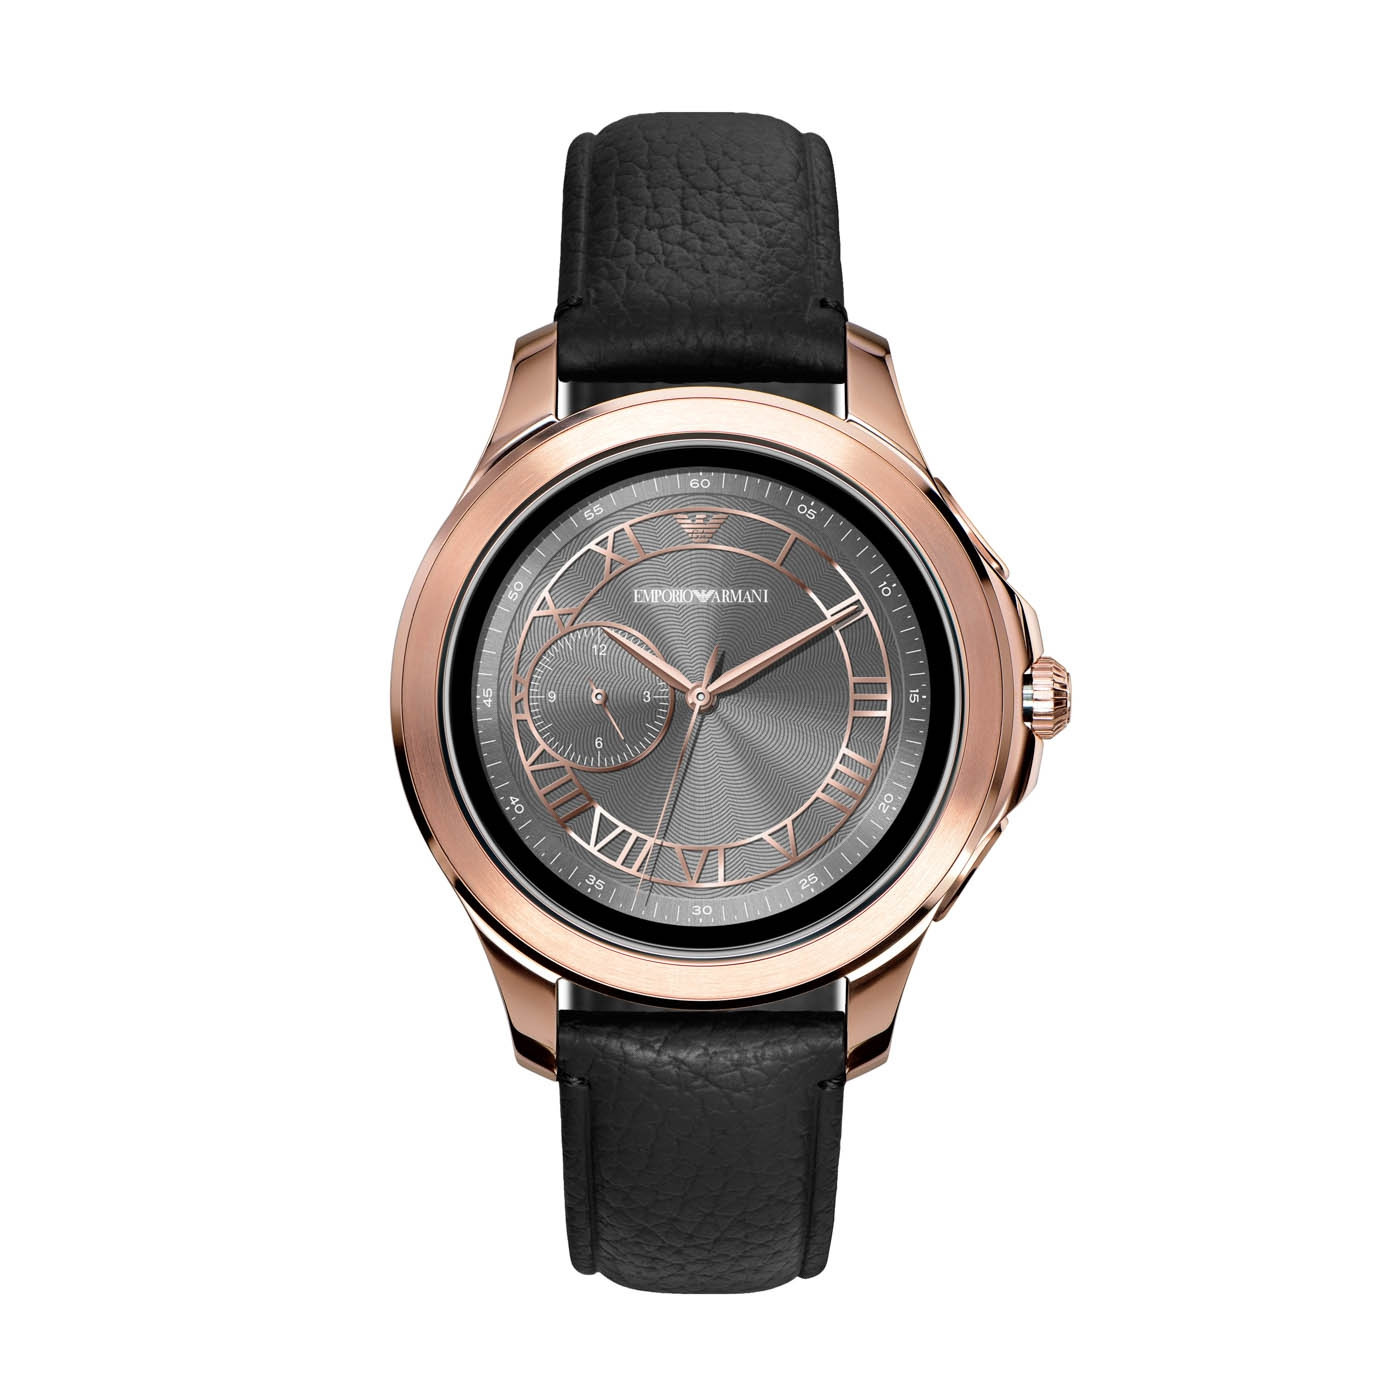 Emporio Armani Connected Alberto Gen 4 Display Smartwatch ART5012